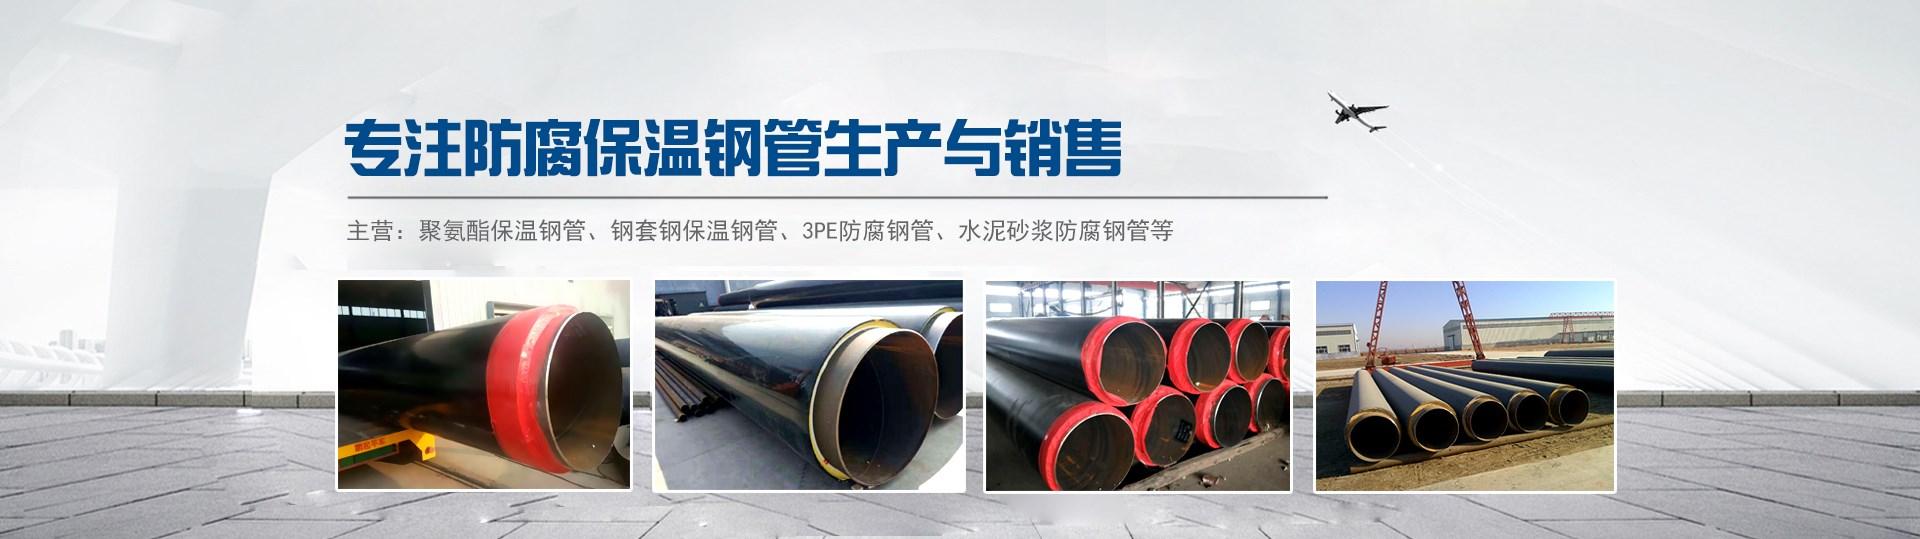 钢套钢蒸汽保温管道生产厂家